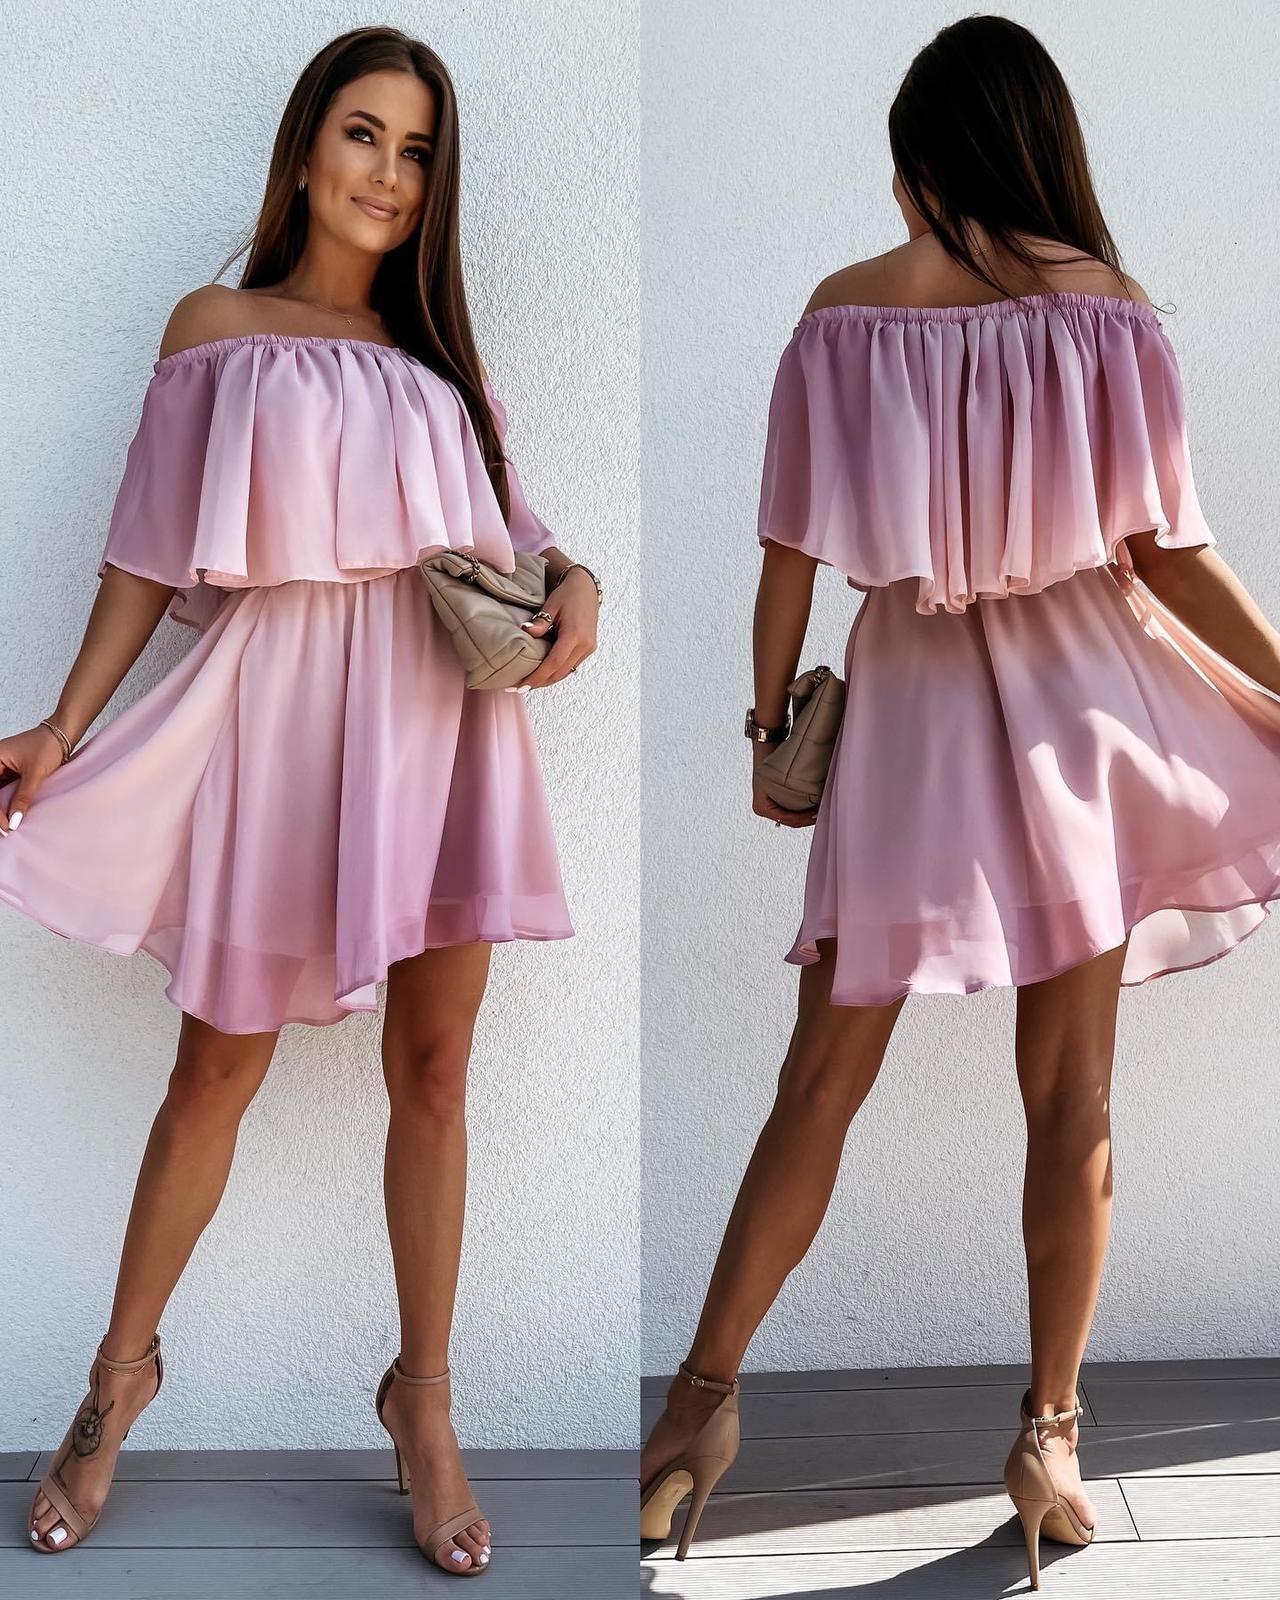 TS Strapless Summer Dress Pink